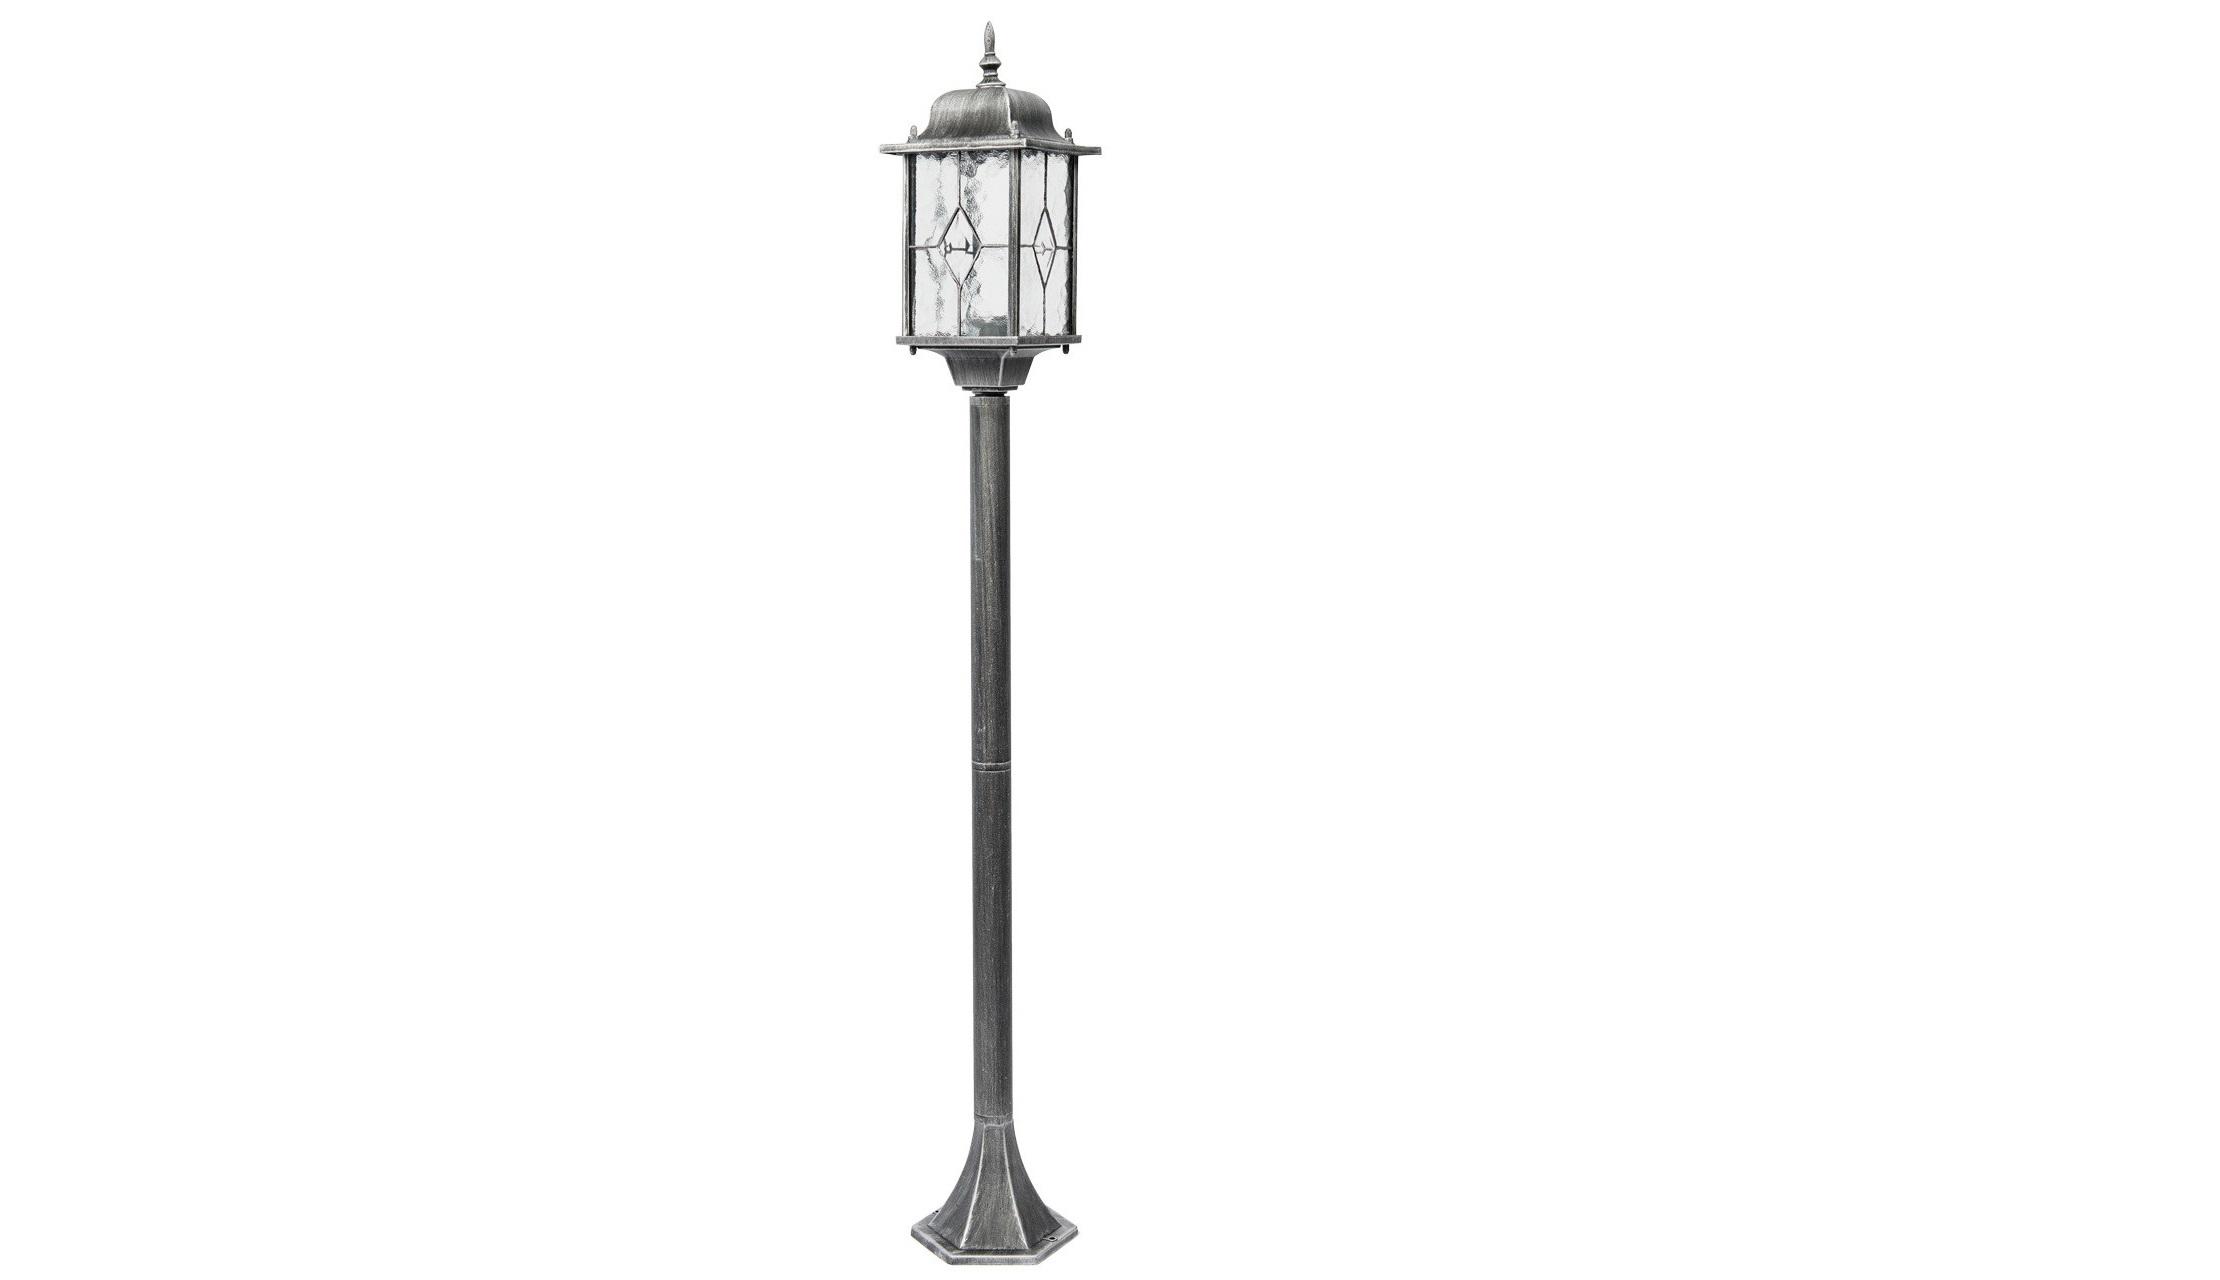 Уличный светильник БургосУличные наземные светильники<br>&amp;lt;div&amp;gt;Оригинальное витражное стекло в коллекции Бургос красиво преломляет лучи света, тем самым достойно украшая конструкцию светильников. Контуры алюминиевого литого основания чёрного цвета декорированы модной серебряной патиной. Благодаря лёгкости металлической конструкции и интересному дизайну, светильник отлично впишется в экстерьер любого природного ландшафта.&amp;lt;/div&amp;gt;&amp;lt;div&amp;gt;Основание из литого алюминия черного цвета, декорированное серебряной патиной, плафоны &amp;amp;nbsp;- витражное стекло&amp;lt;/div&amp;gt;&amp;lt;div&amp;gt;&amp;lt;br&amp;gt;&amp;lt;/div&amp;gt;&amp;lt;div&amp;gt;Мощность 1*95W&amp;lt;/div&amp;gt;&amp;lt;div&amp;gt;Цоколь E27&amp;lt;/div&amp;gt;&amp;lt;div&amp;gt;Степень защиты от влаги и пыли &amp;amp;nbsp;IP44&amp;lt;/div&amp;gt;<br><br>Material: Алюминий<br>Ширина см: 16<br>Высота см: 122<br>Глубина см: 16